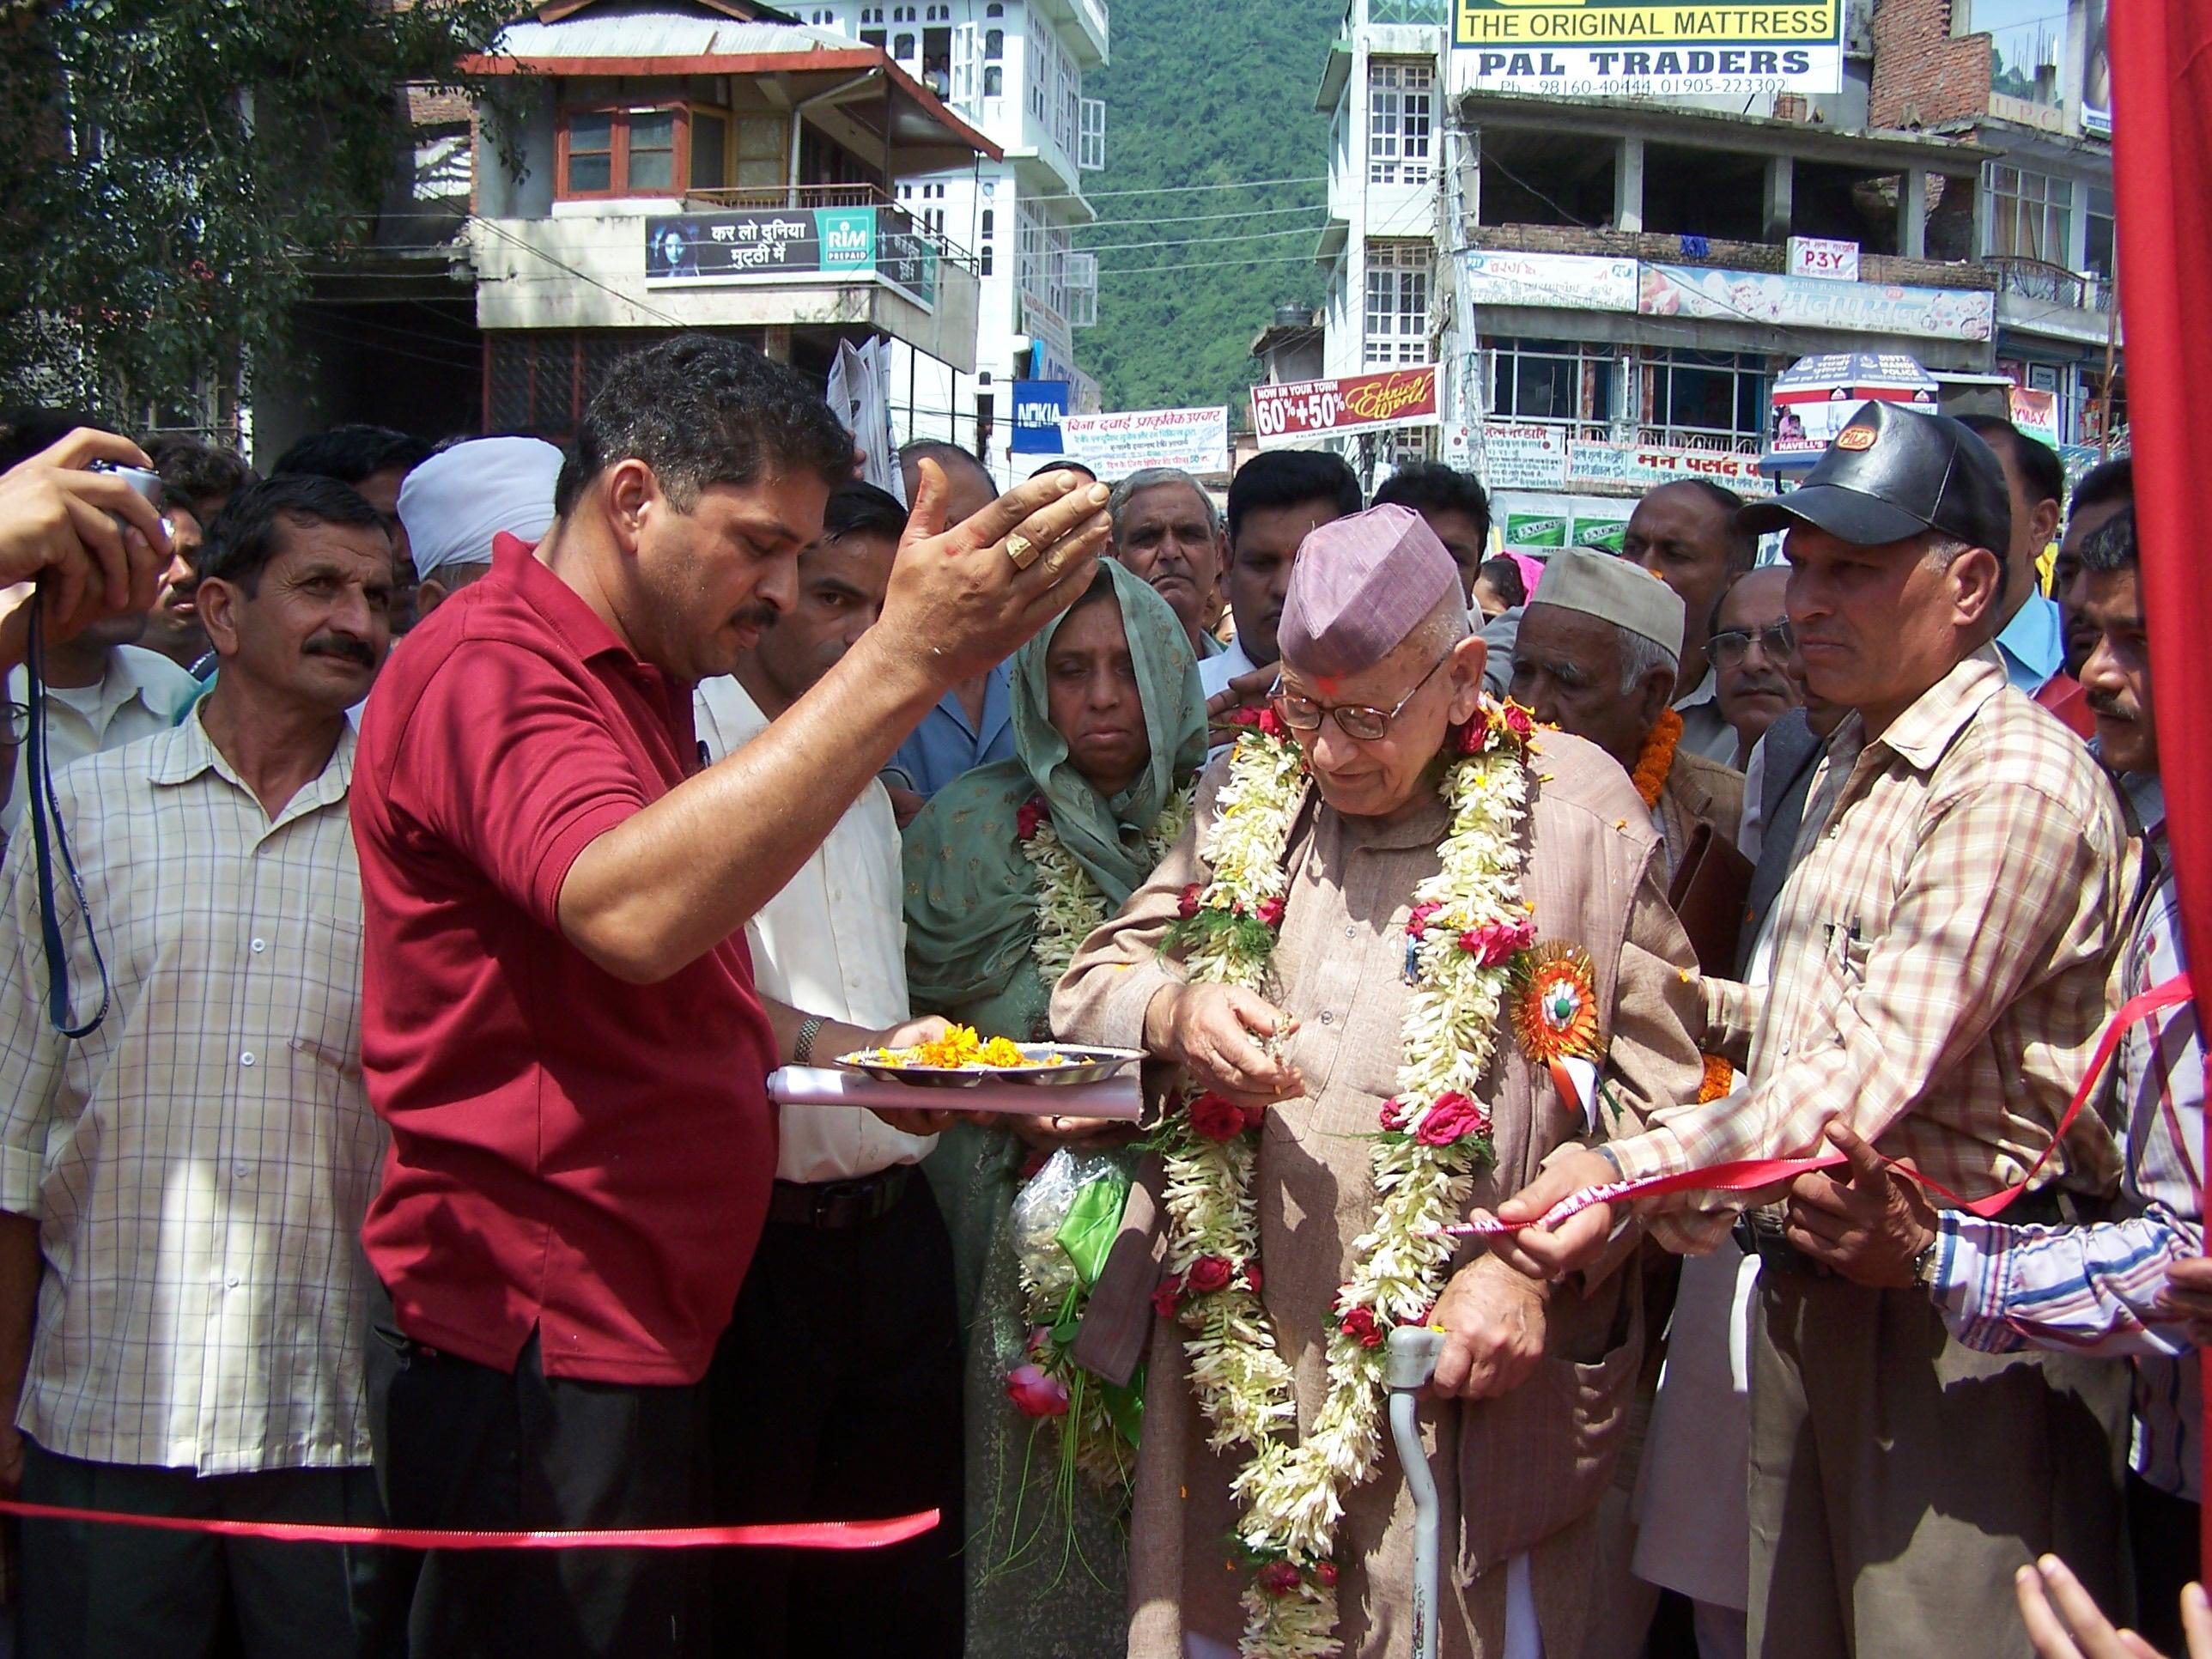 freedom-firghter-gauri-prashad-mandi-106-yr-old-chief-guest.jpg